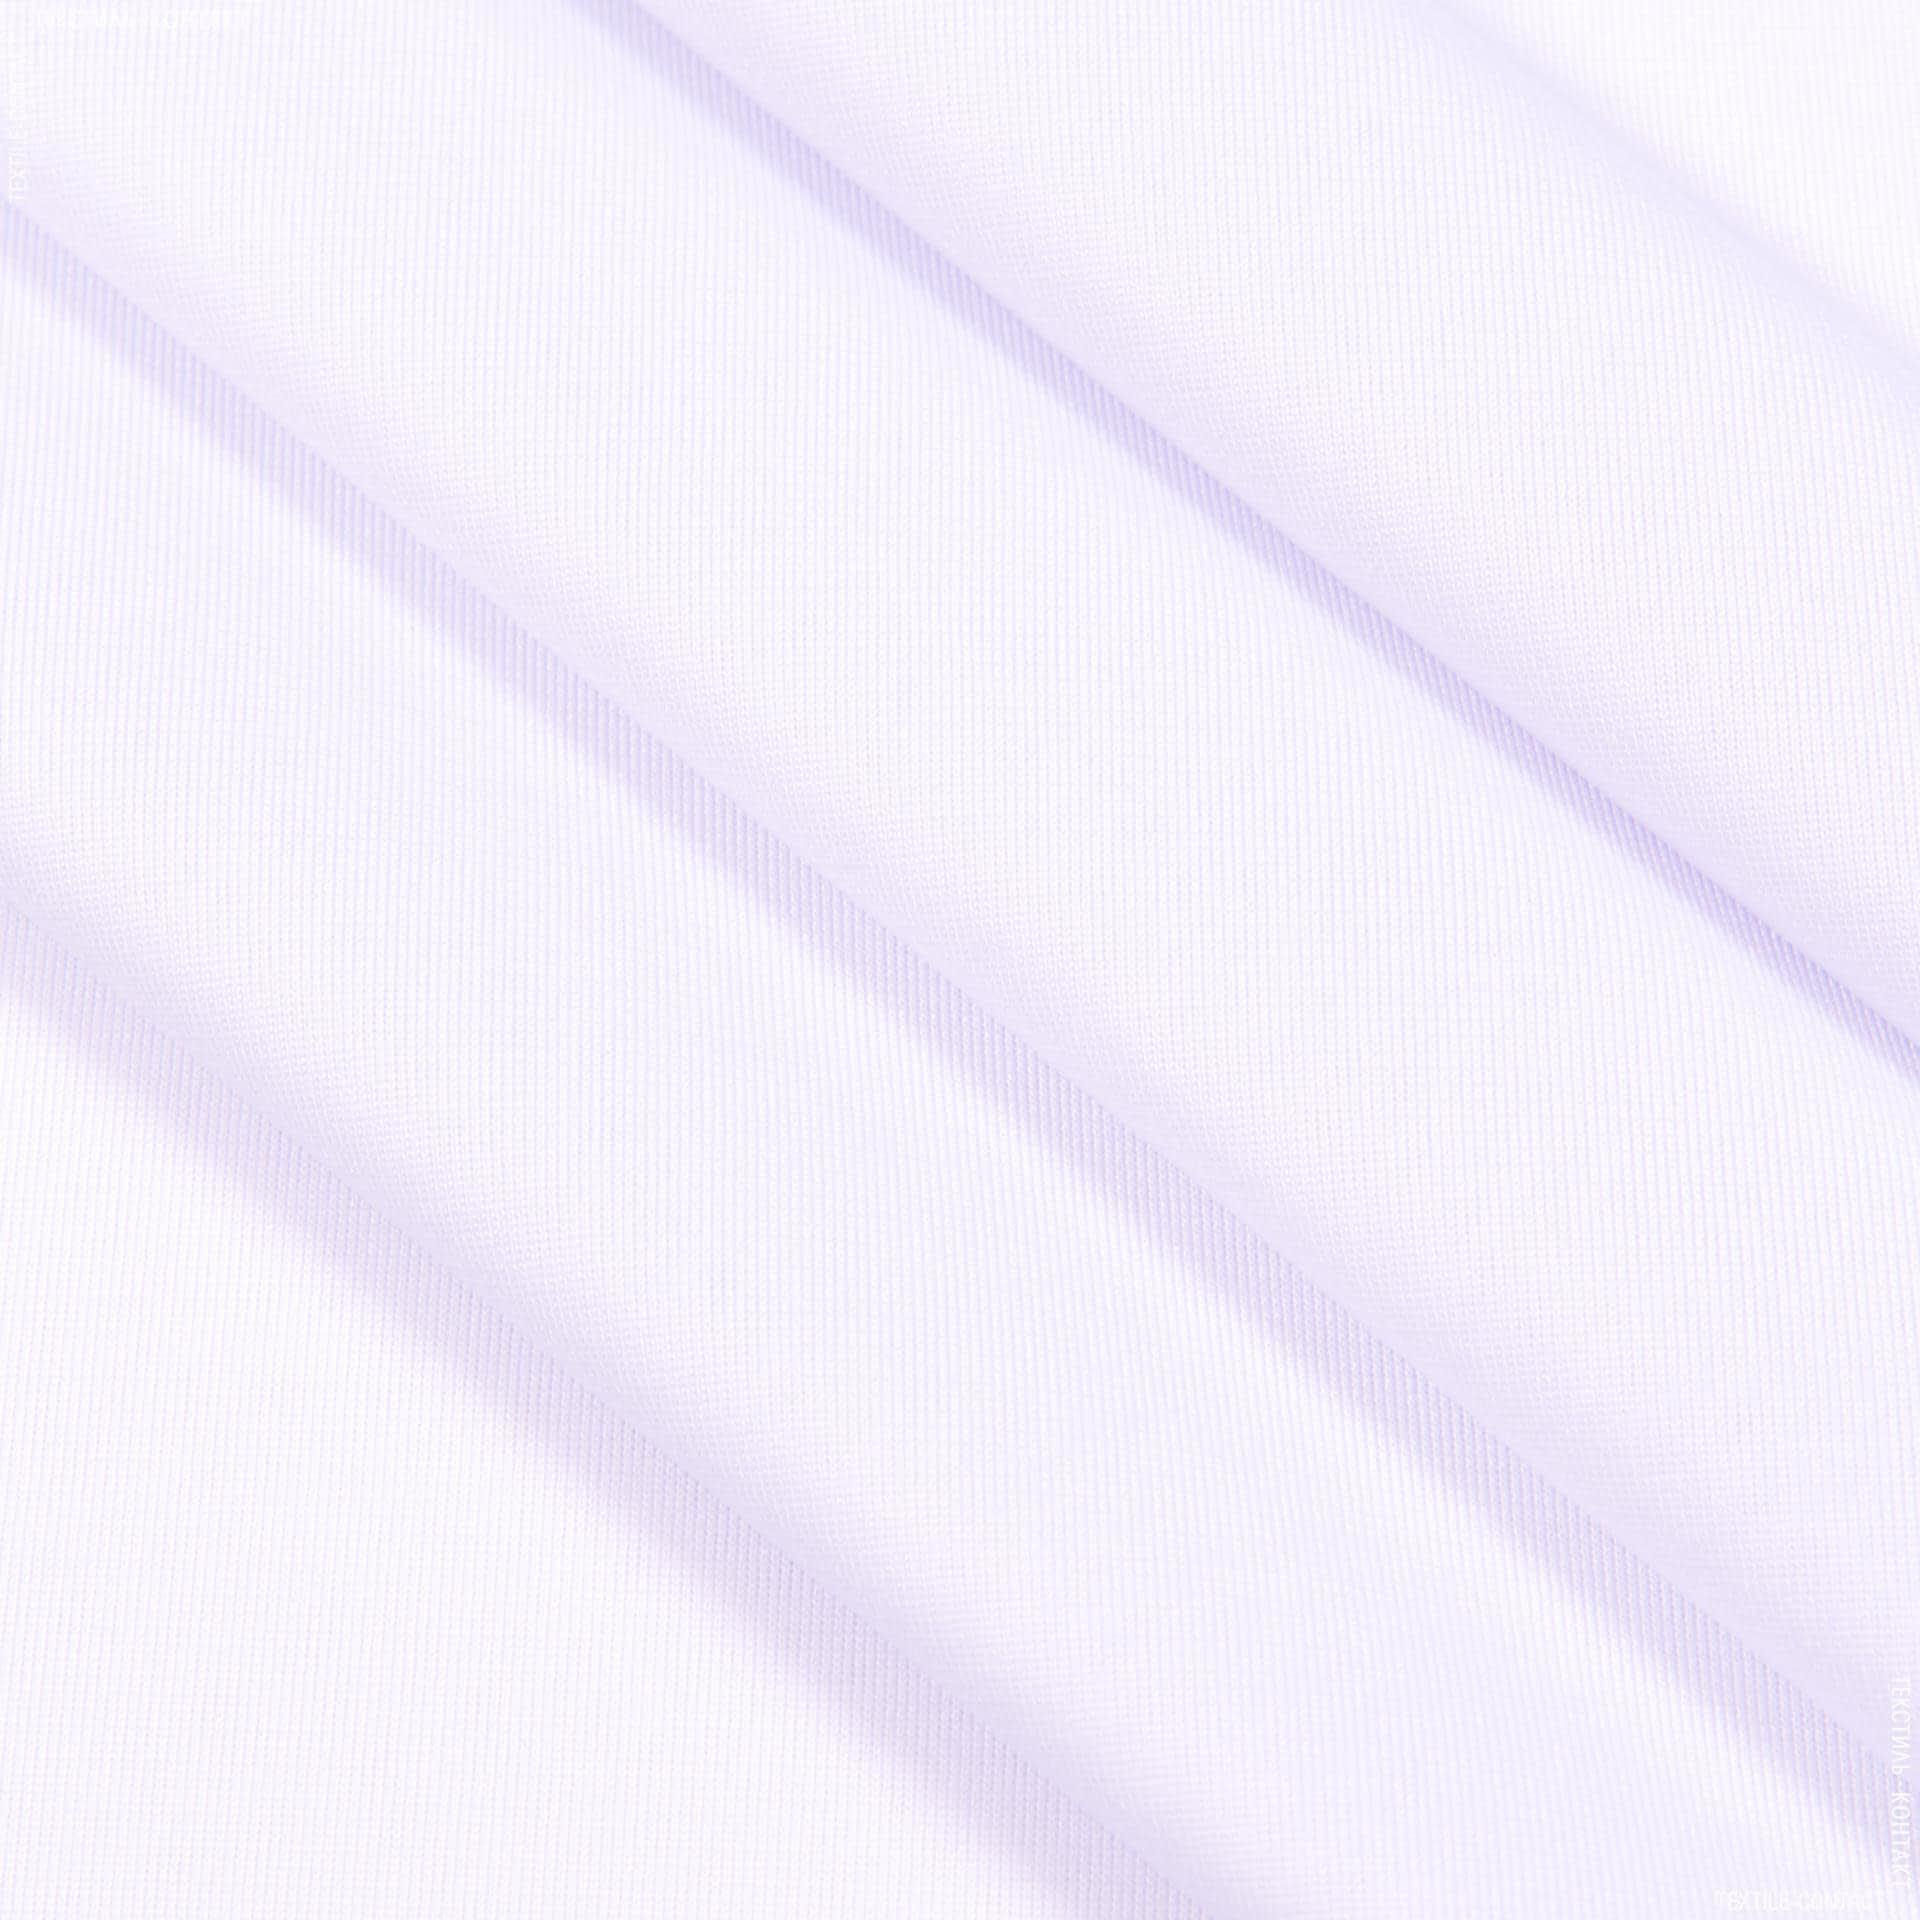 Ткани для платьев - Трикотаж масло белоснежный